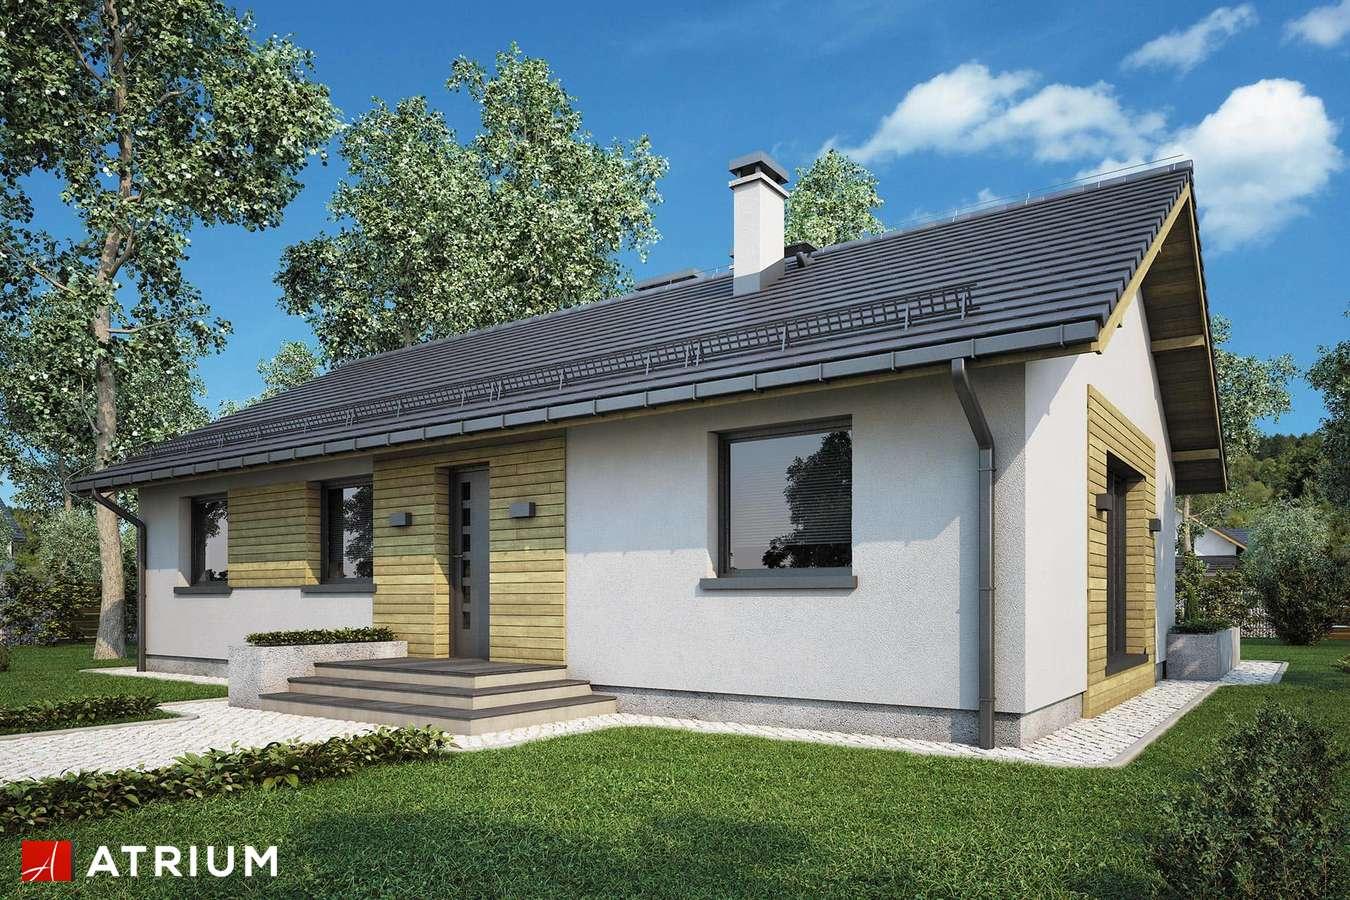 Projekty domów - Projekt domu parterowego AURORA - wizualizacja 1